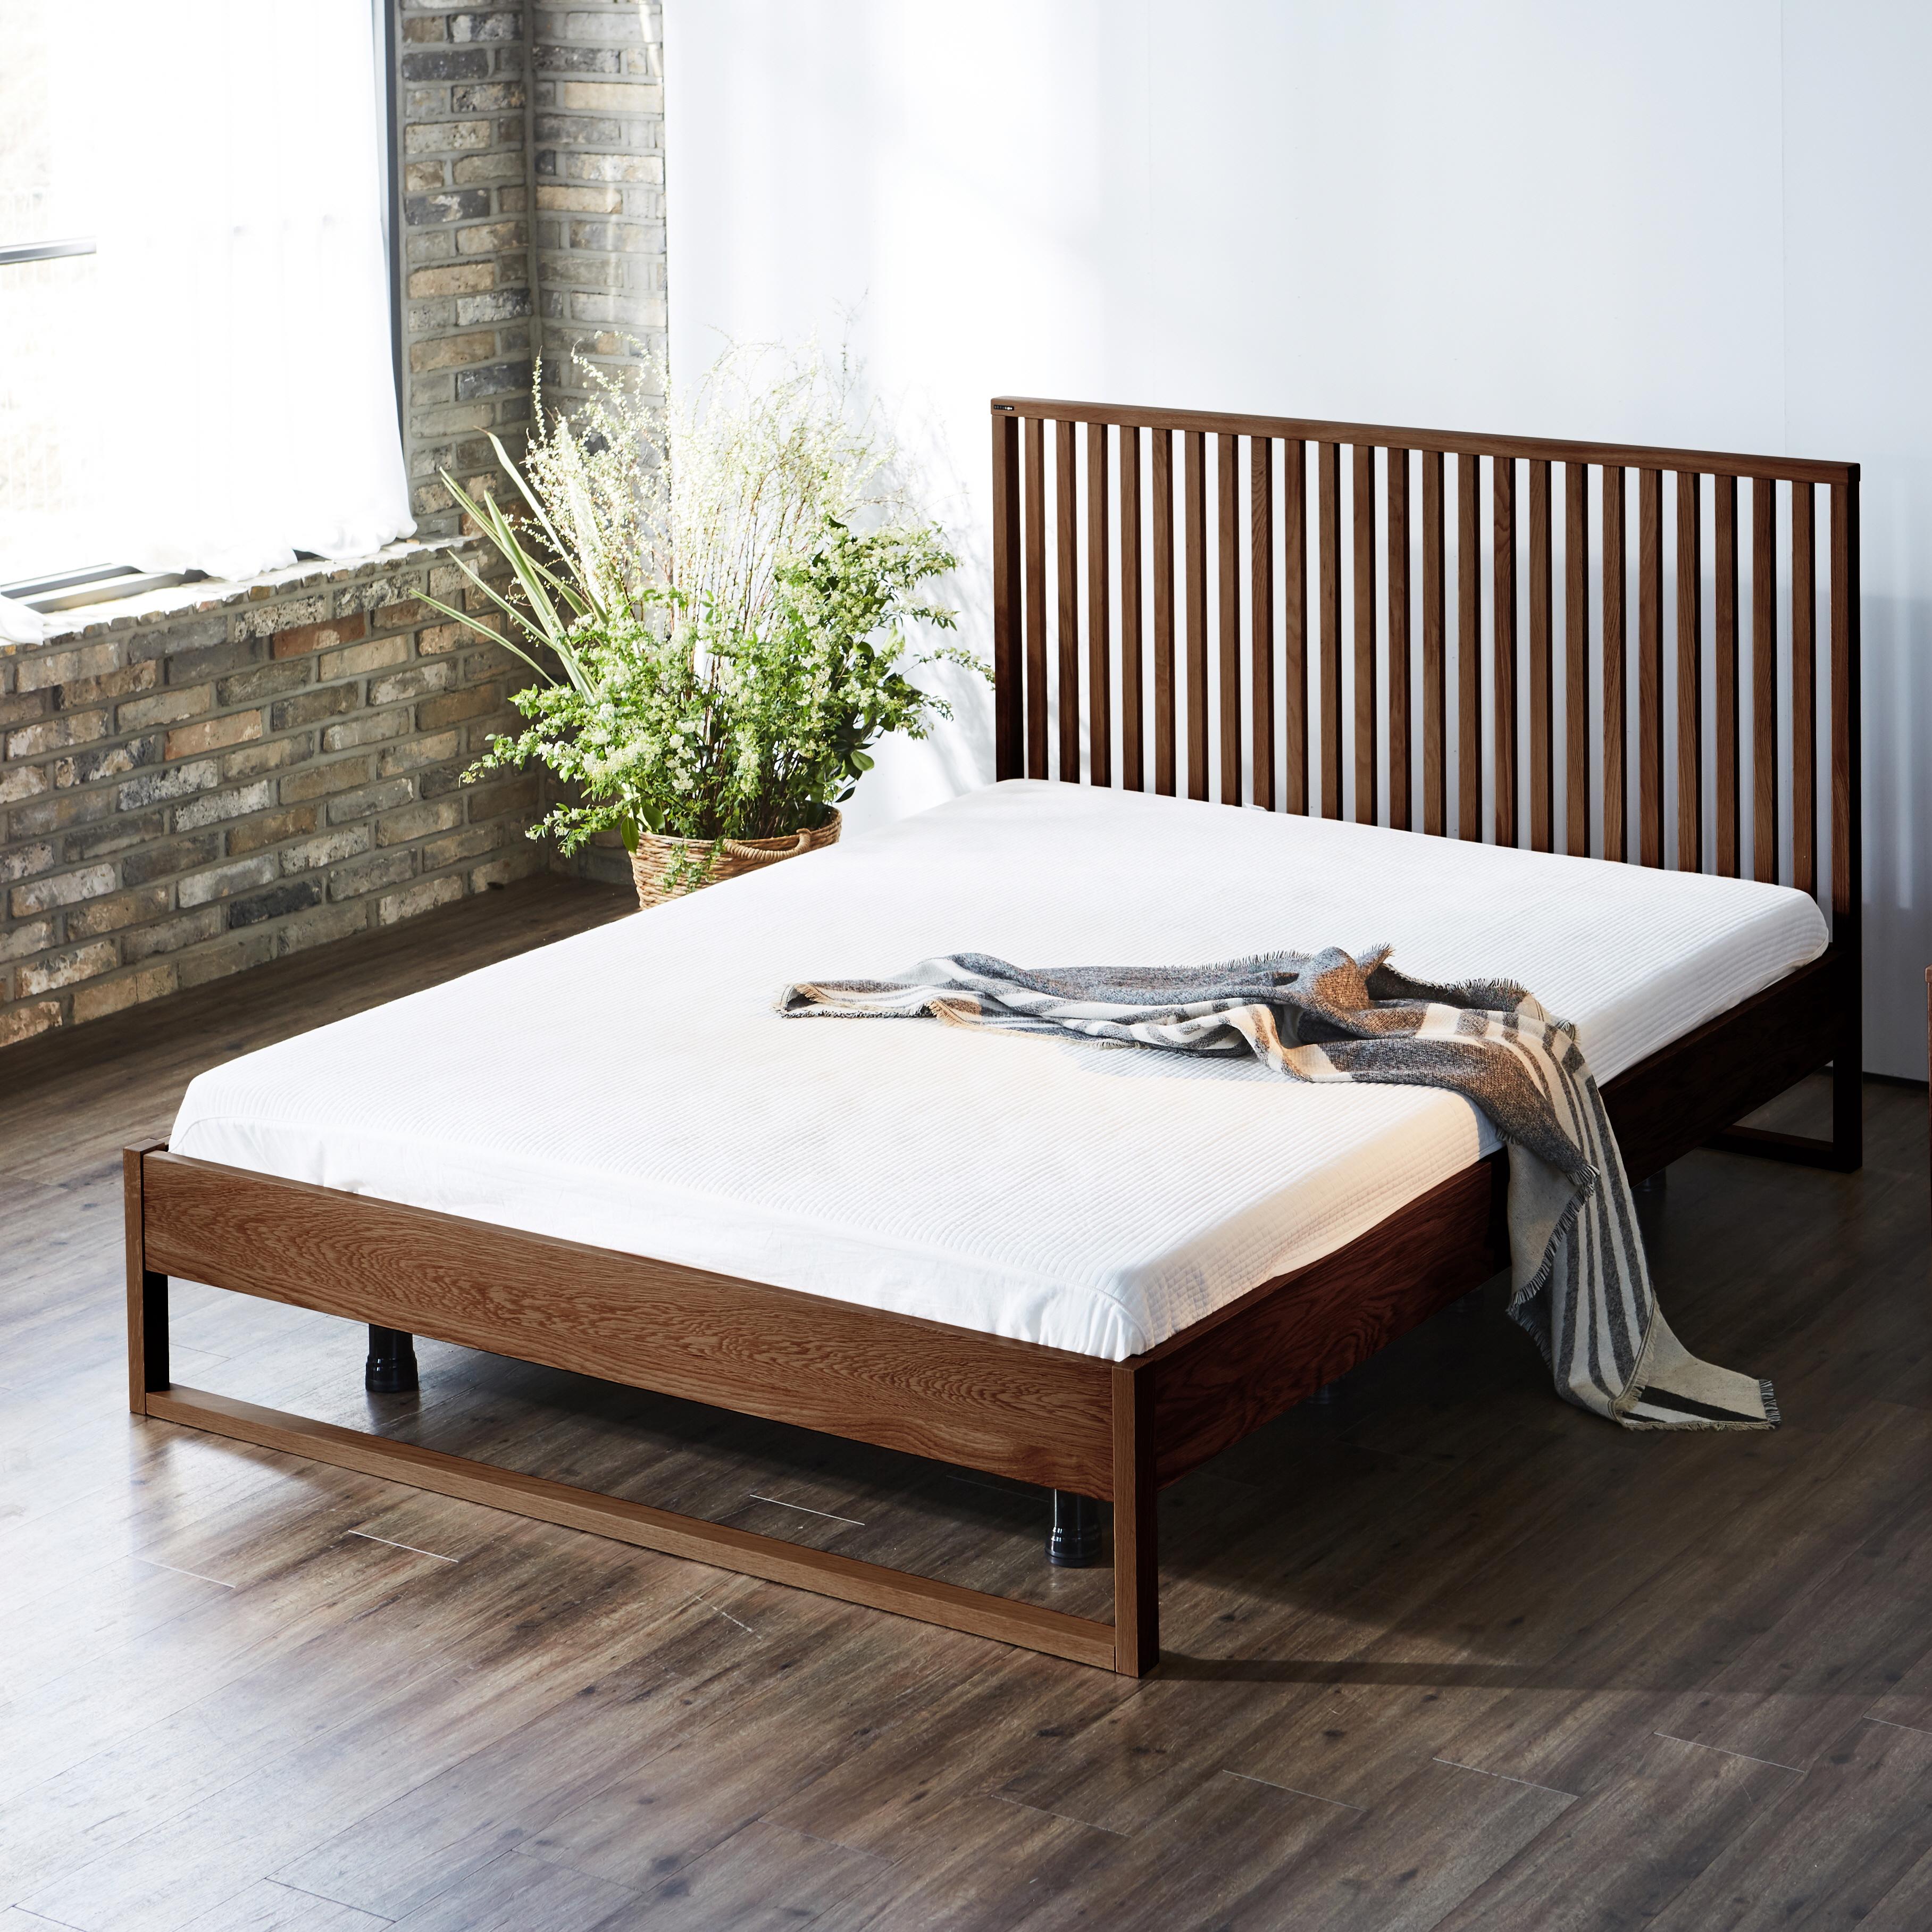 [블라스코] 하겐 퀸 침대(매트 미포함)의 썸네일 이미지